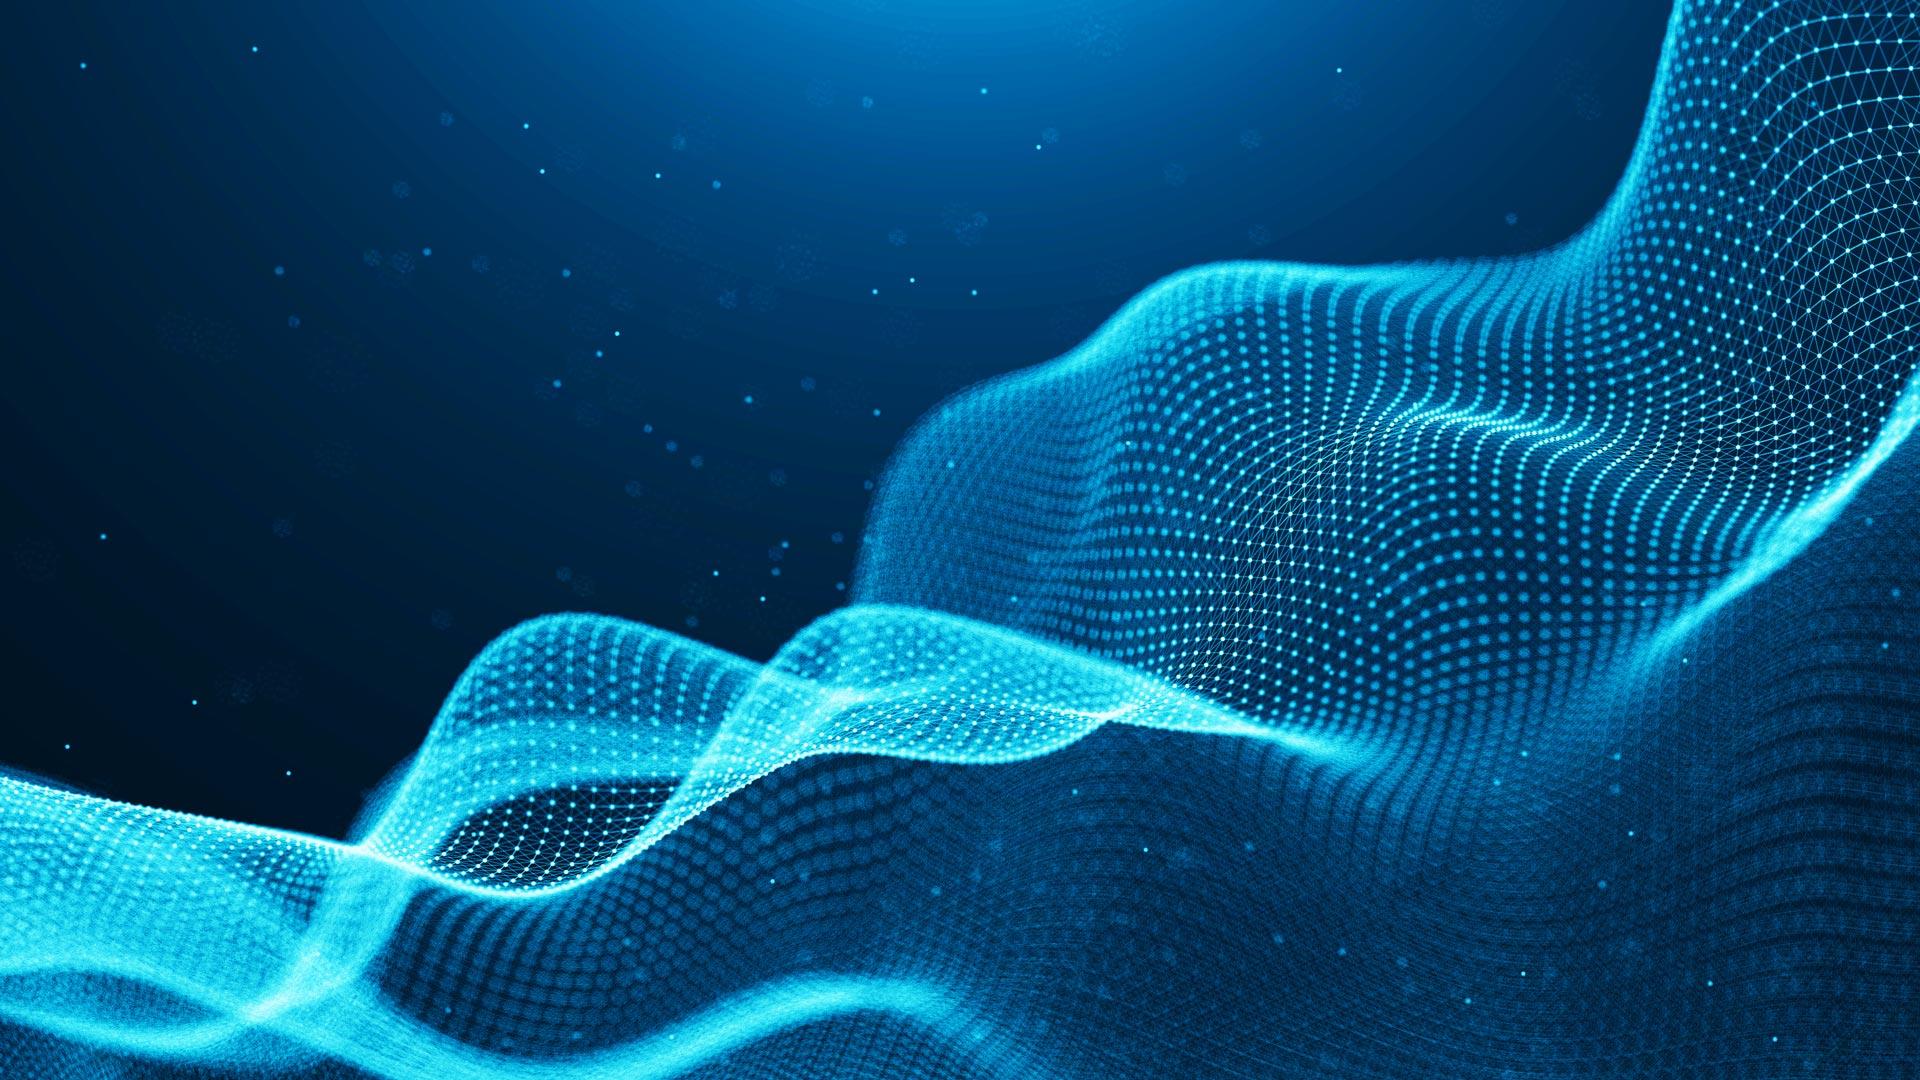 Waves Platform's blockchain infrastructure solution Vostok secures $120m